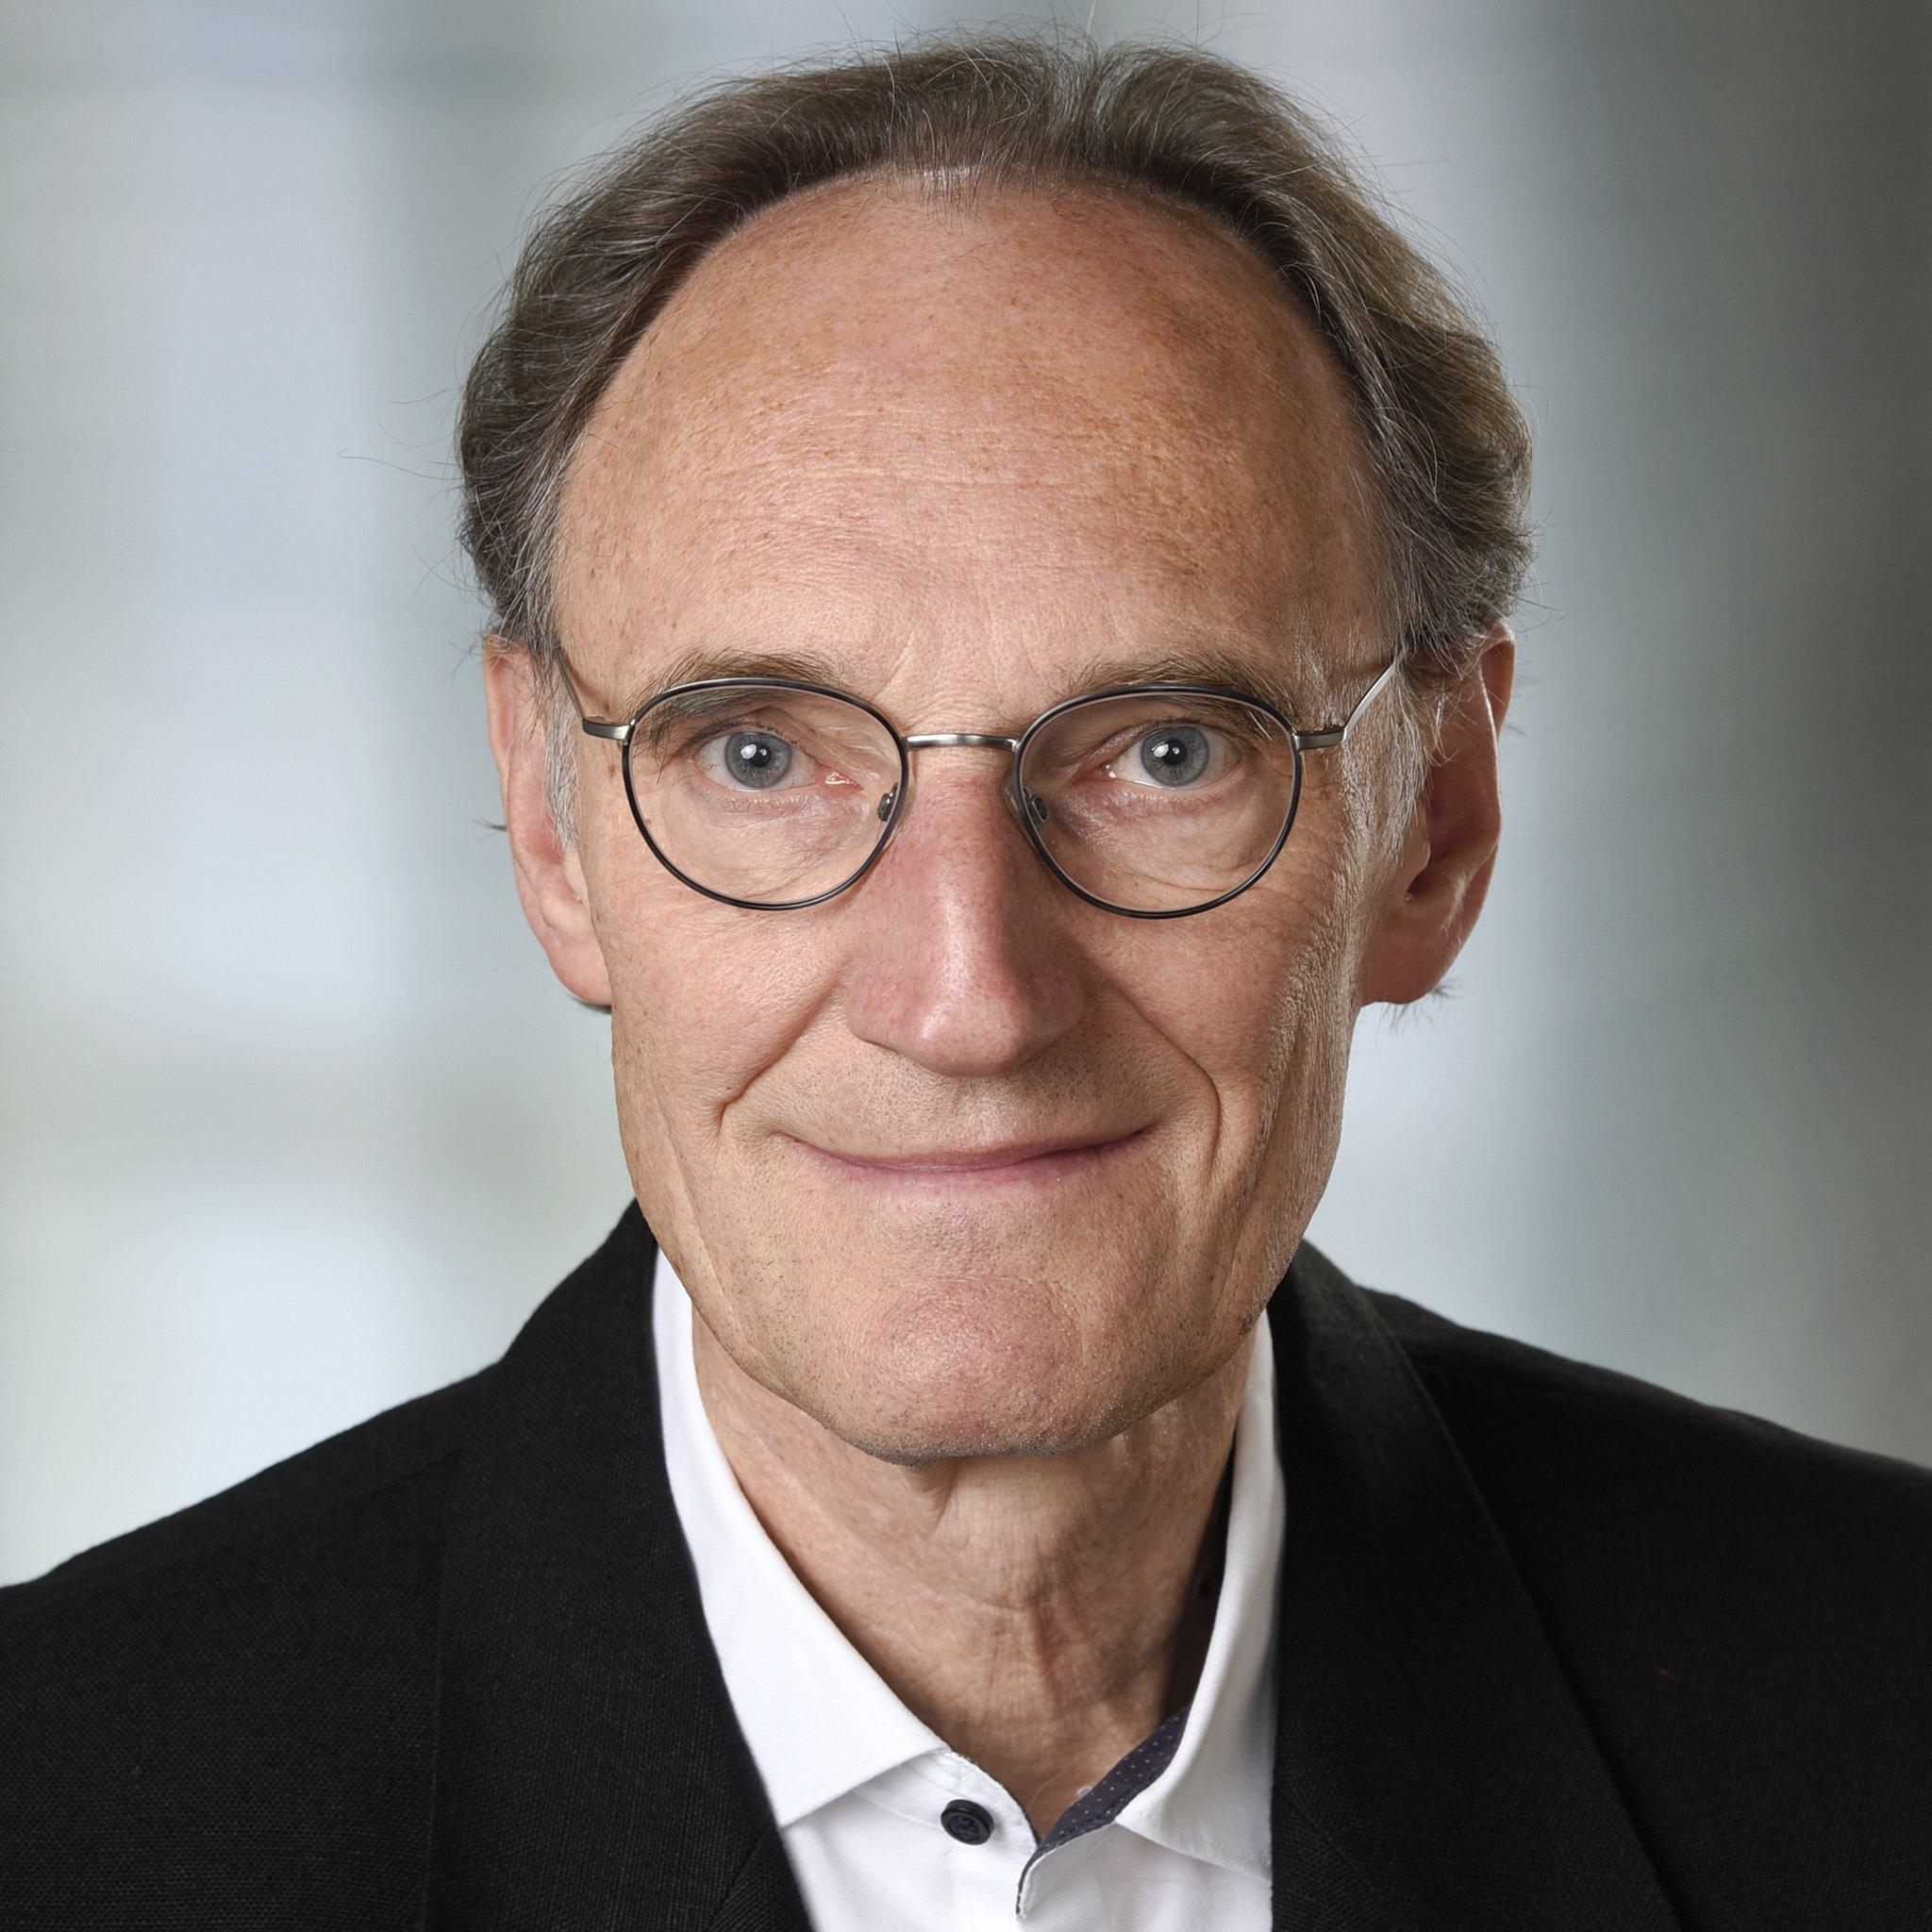 Porträtfoto von Dr. Henning Engeln. Der Wissenschaftsjournalist, Biologe und Buchautor war viele Jahre lang Redakteur bei GEO und ist jetzt Mitglied der Riffreporter eG